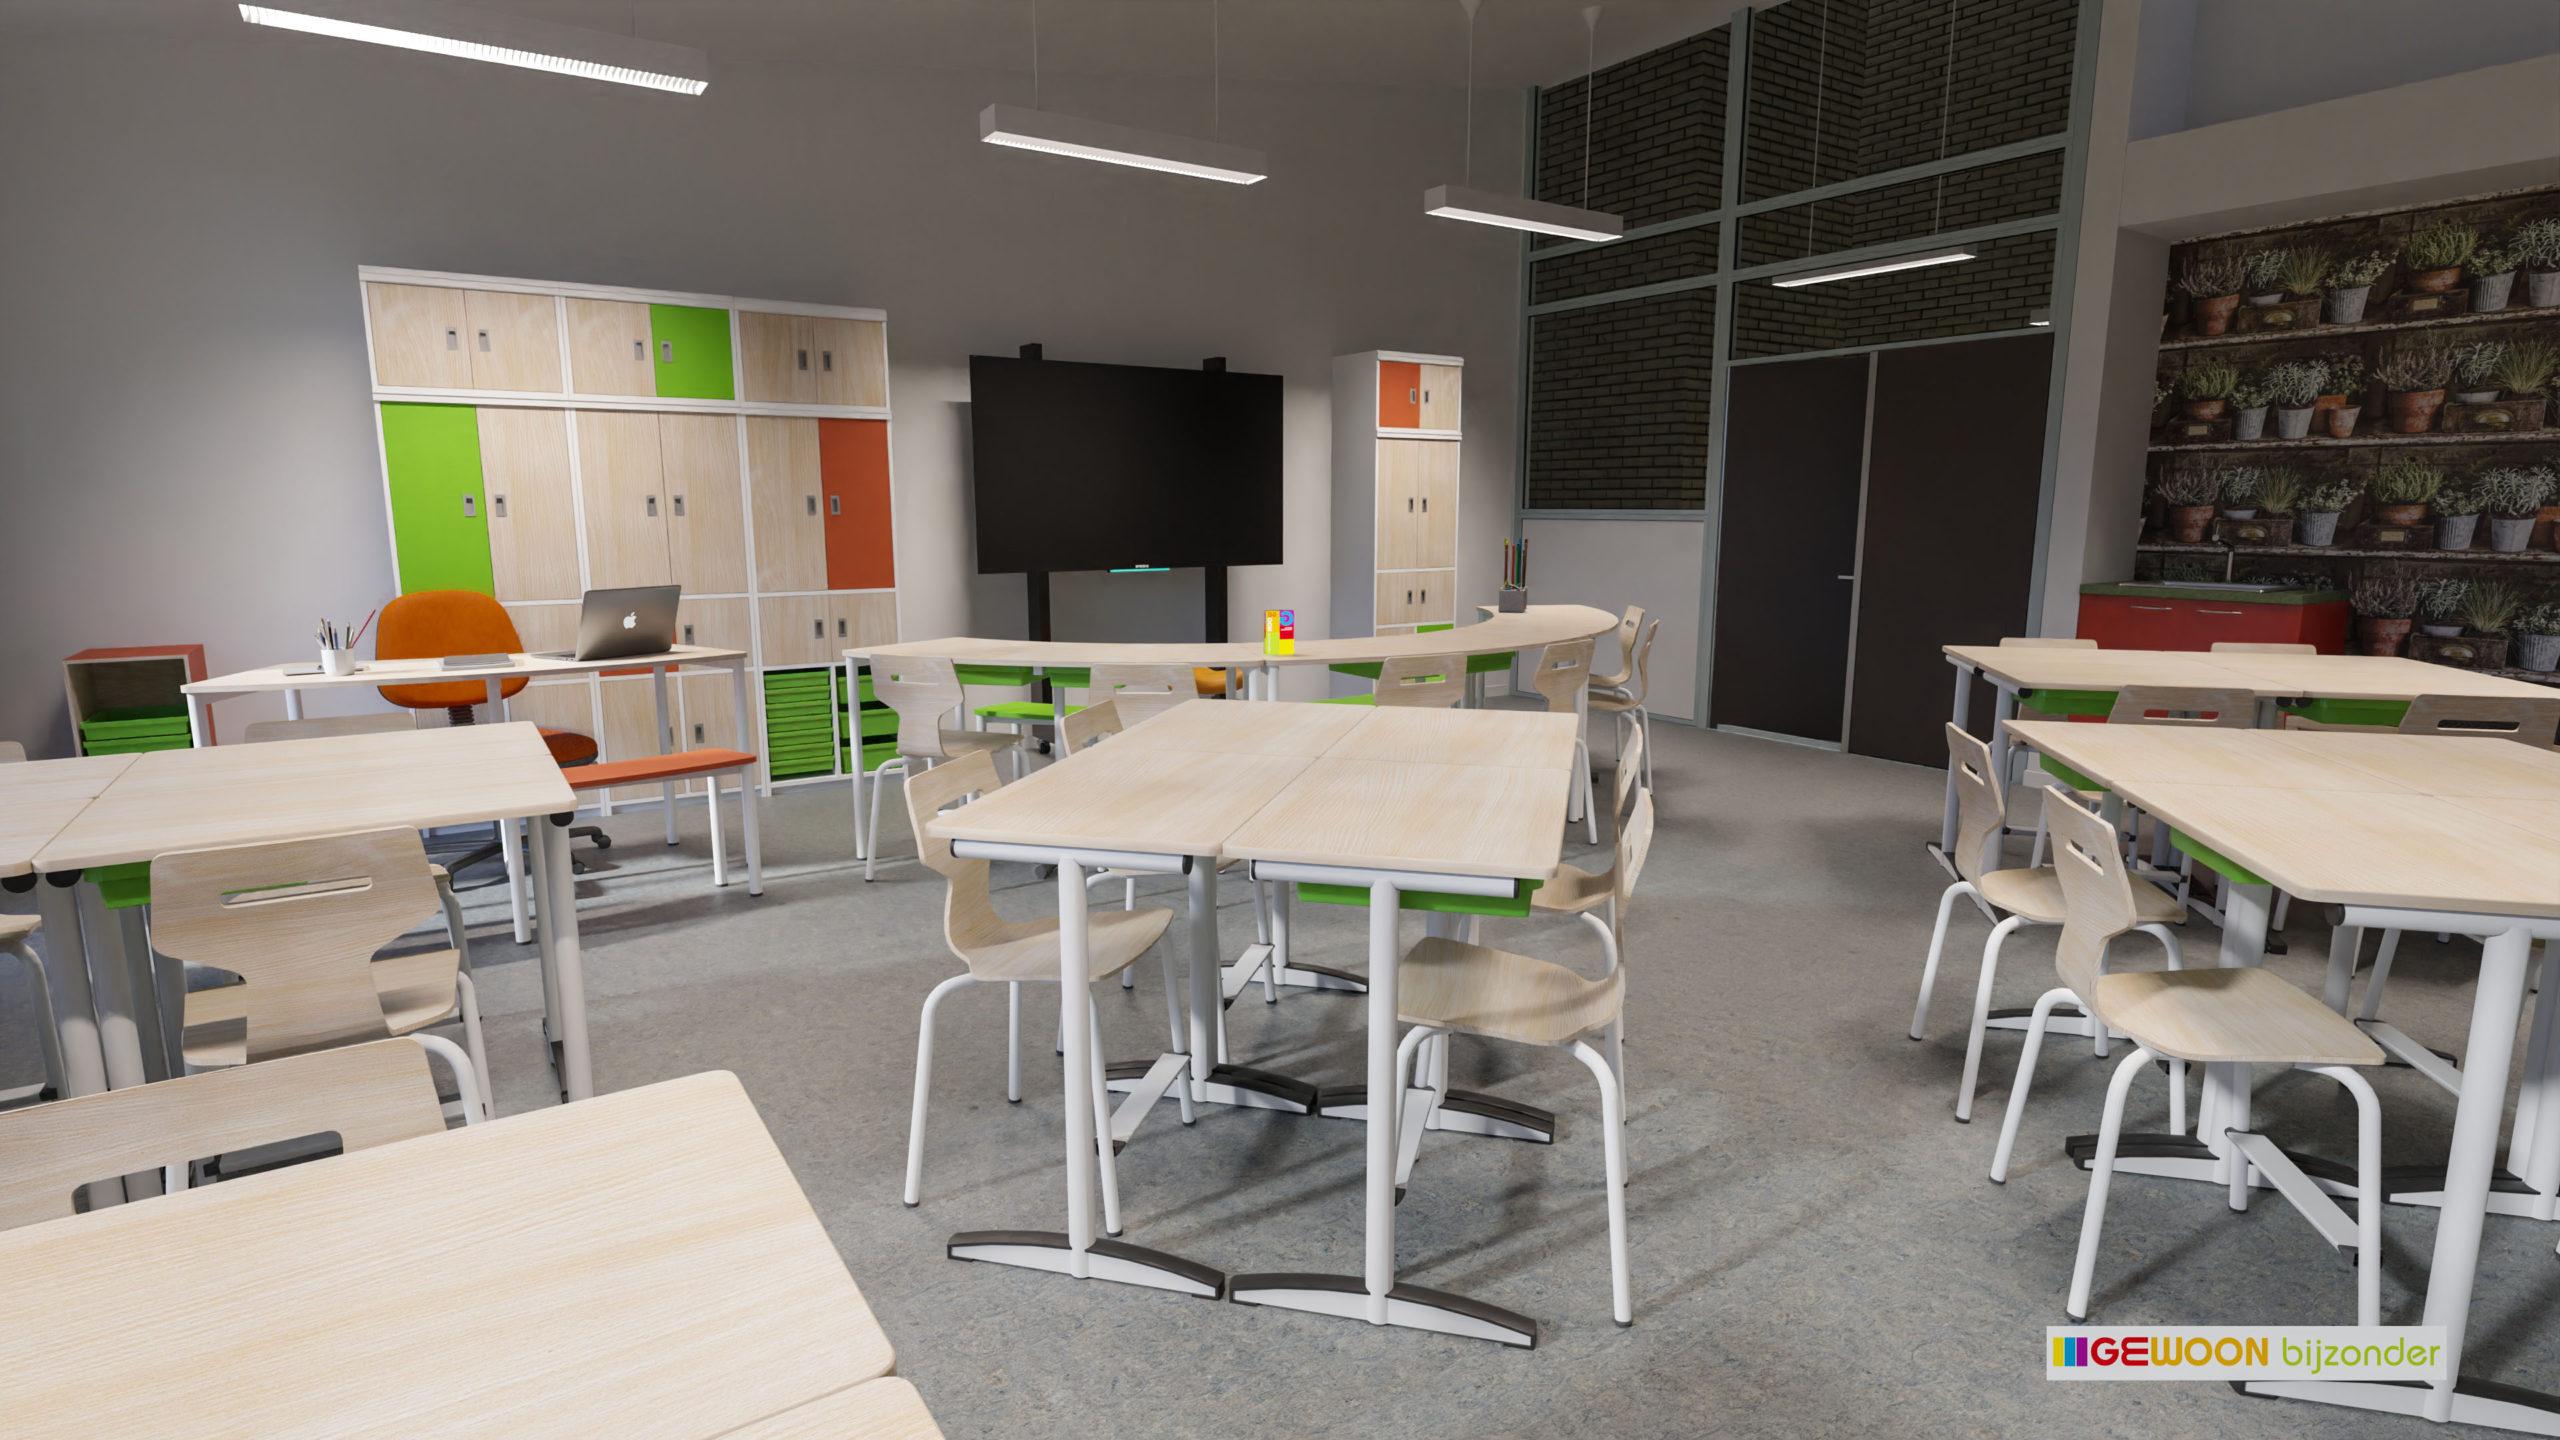 Casa3D-Julianaschool-GewoonBijzonder-2